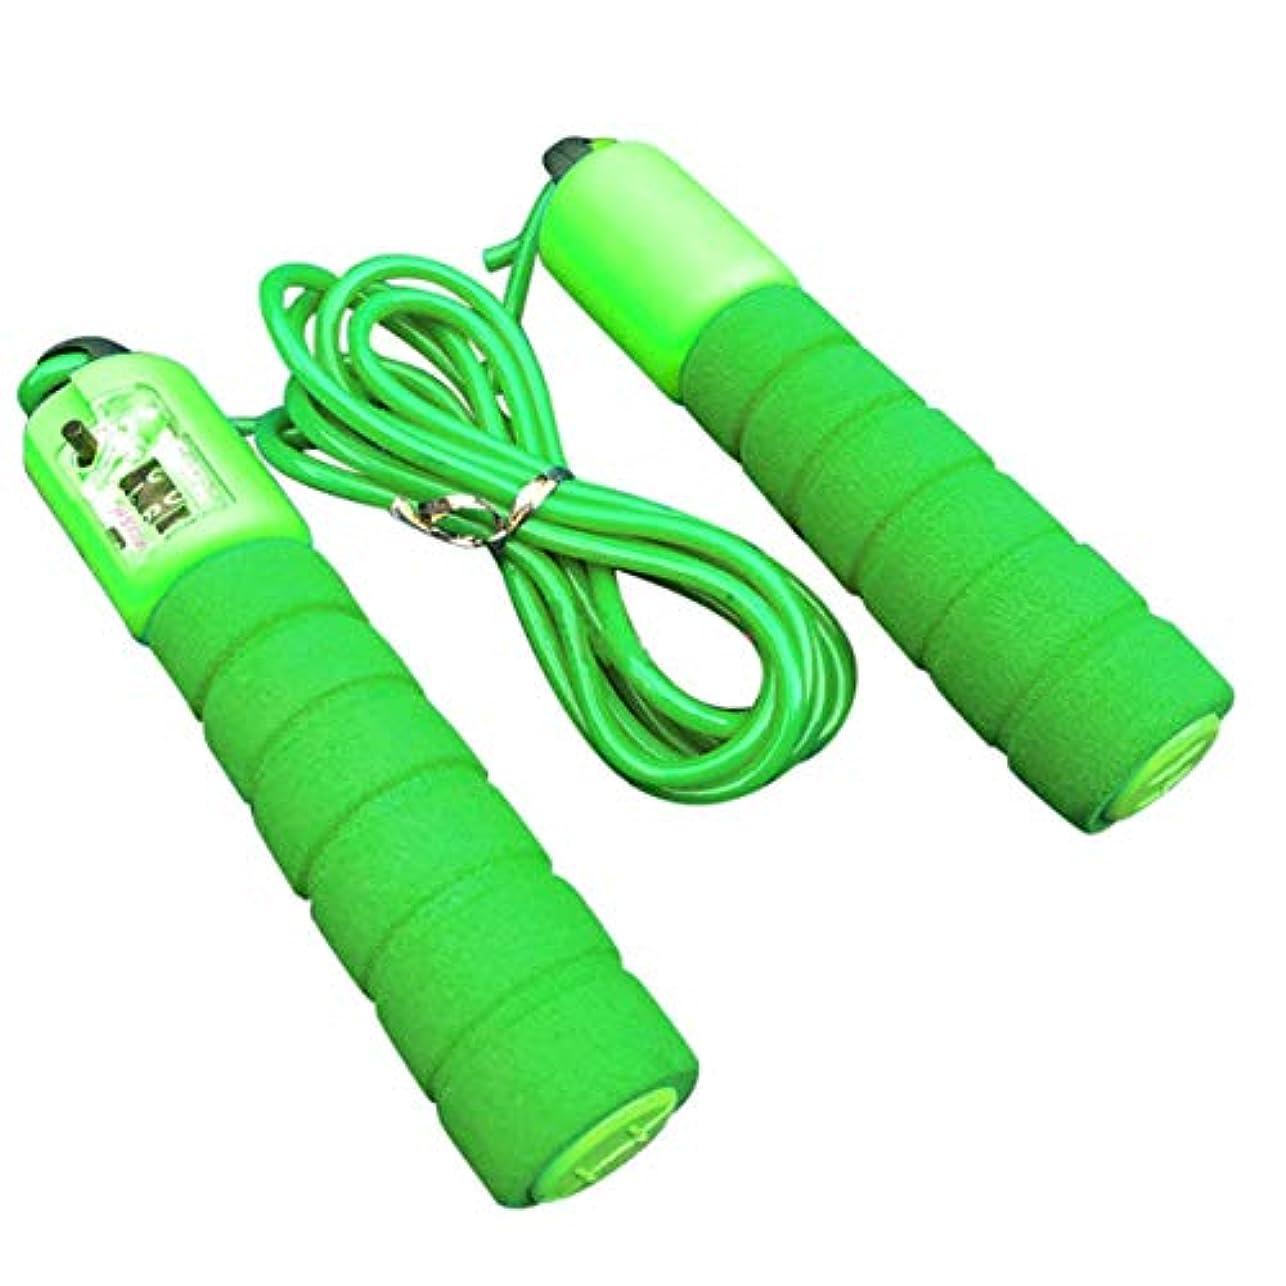 変装よろめくロマンチック調節可能なプロフェッショナルカウント縄跳び自動カウントジャンプロープフィットネス運動高速カウントジャンプロープ - グリーン